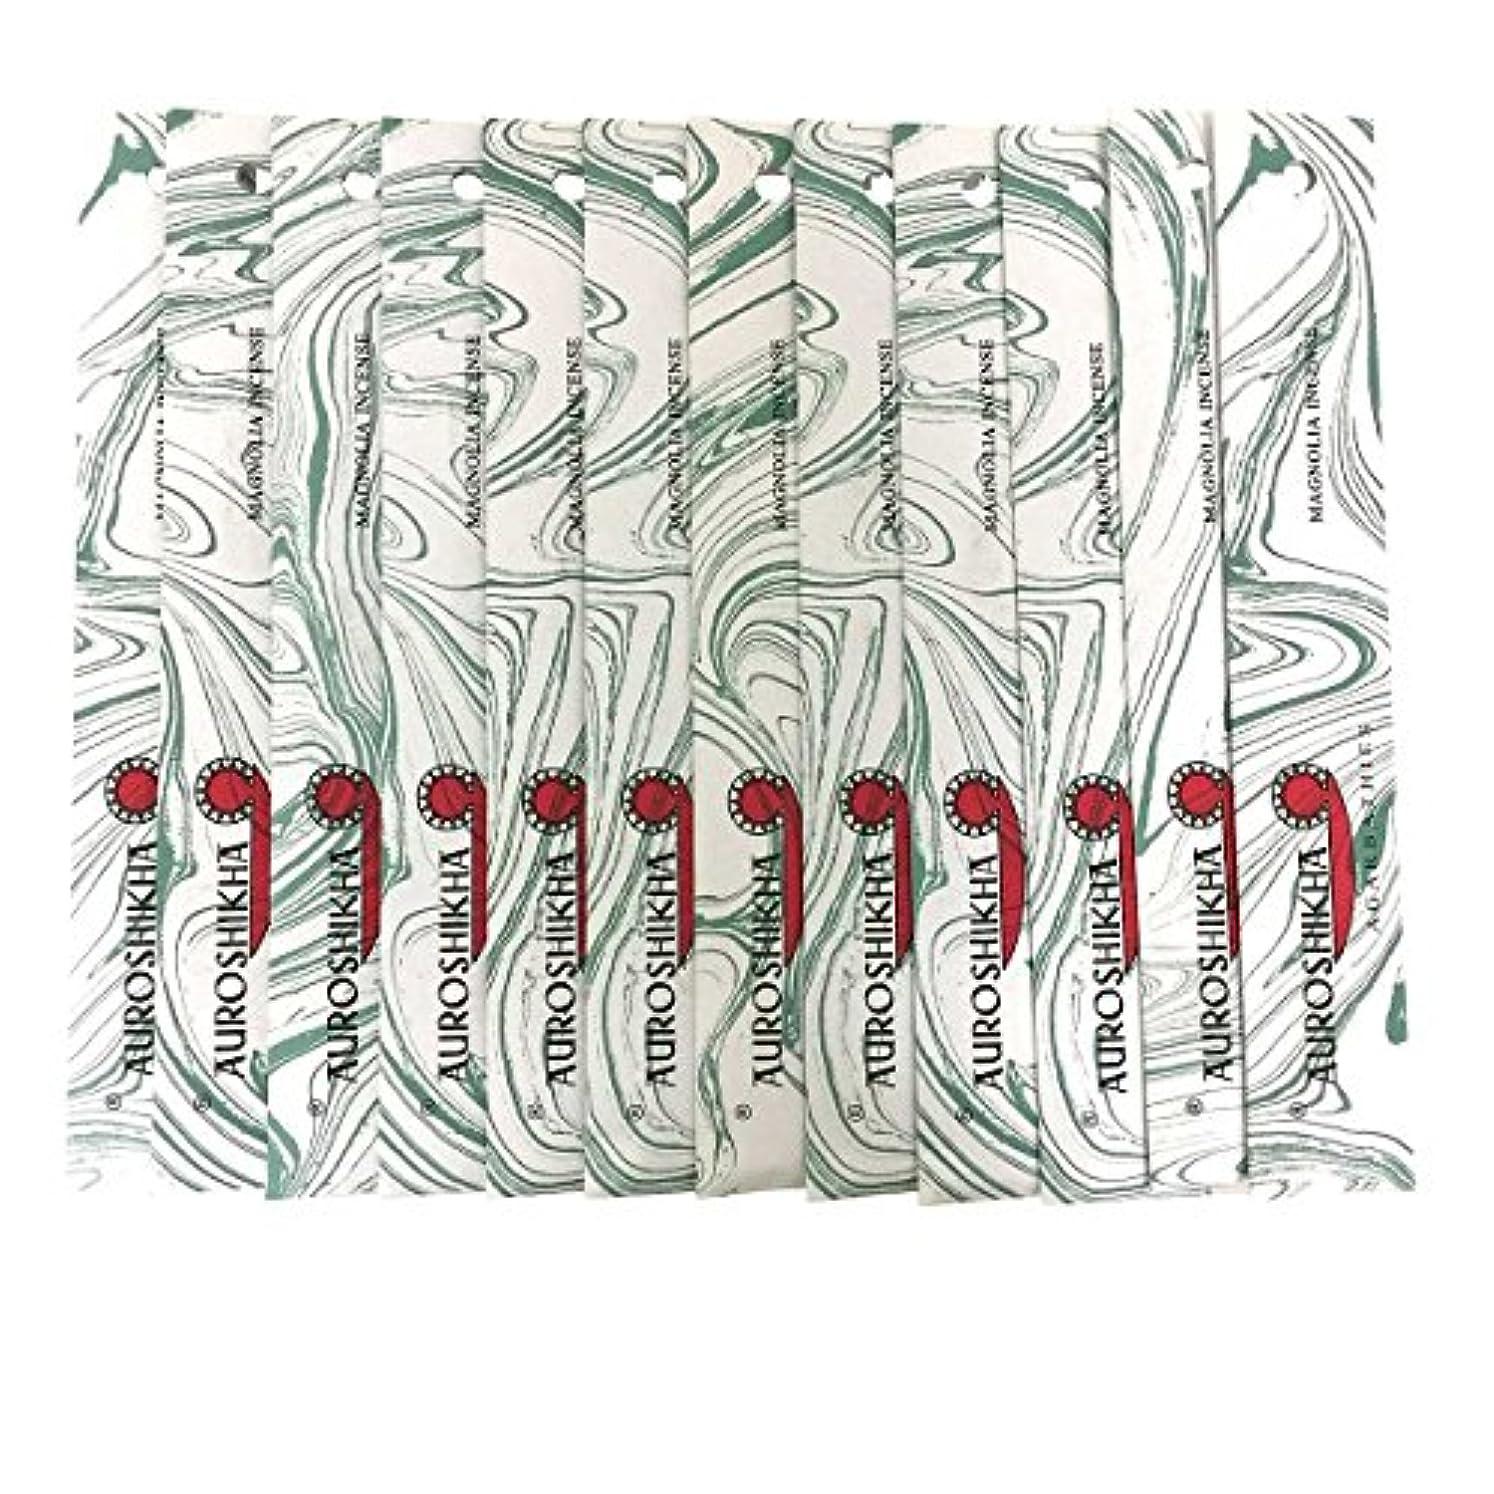 手のひら症候群植物のAUROSHIKHA オウロシカ(MAGNOLIAマグノリア12個セット) マーブルパッケージスティック 送料無料